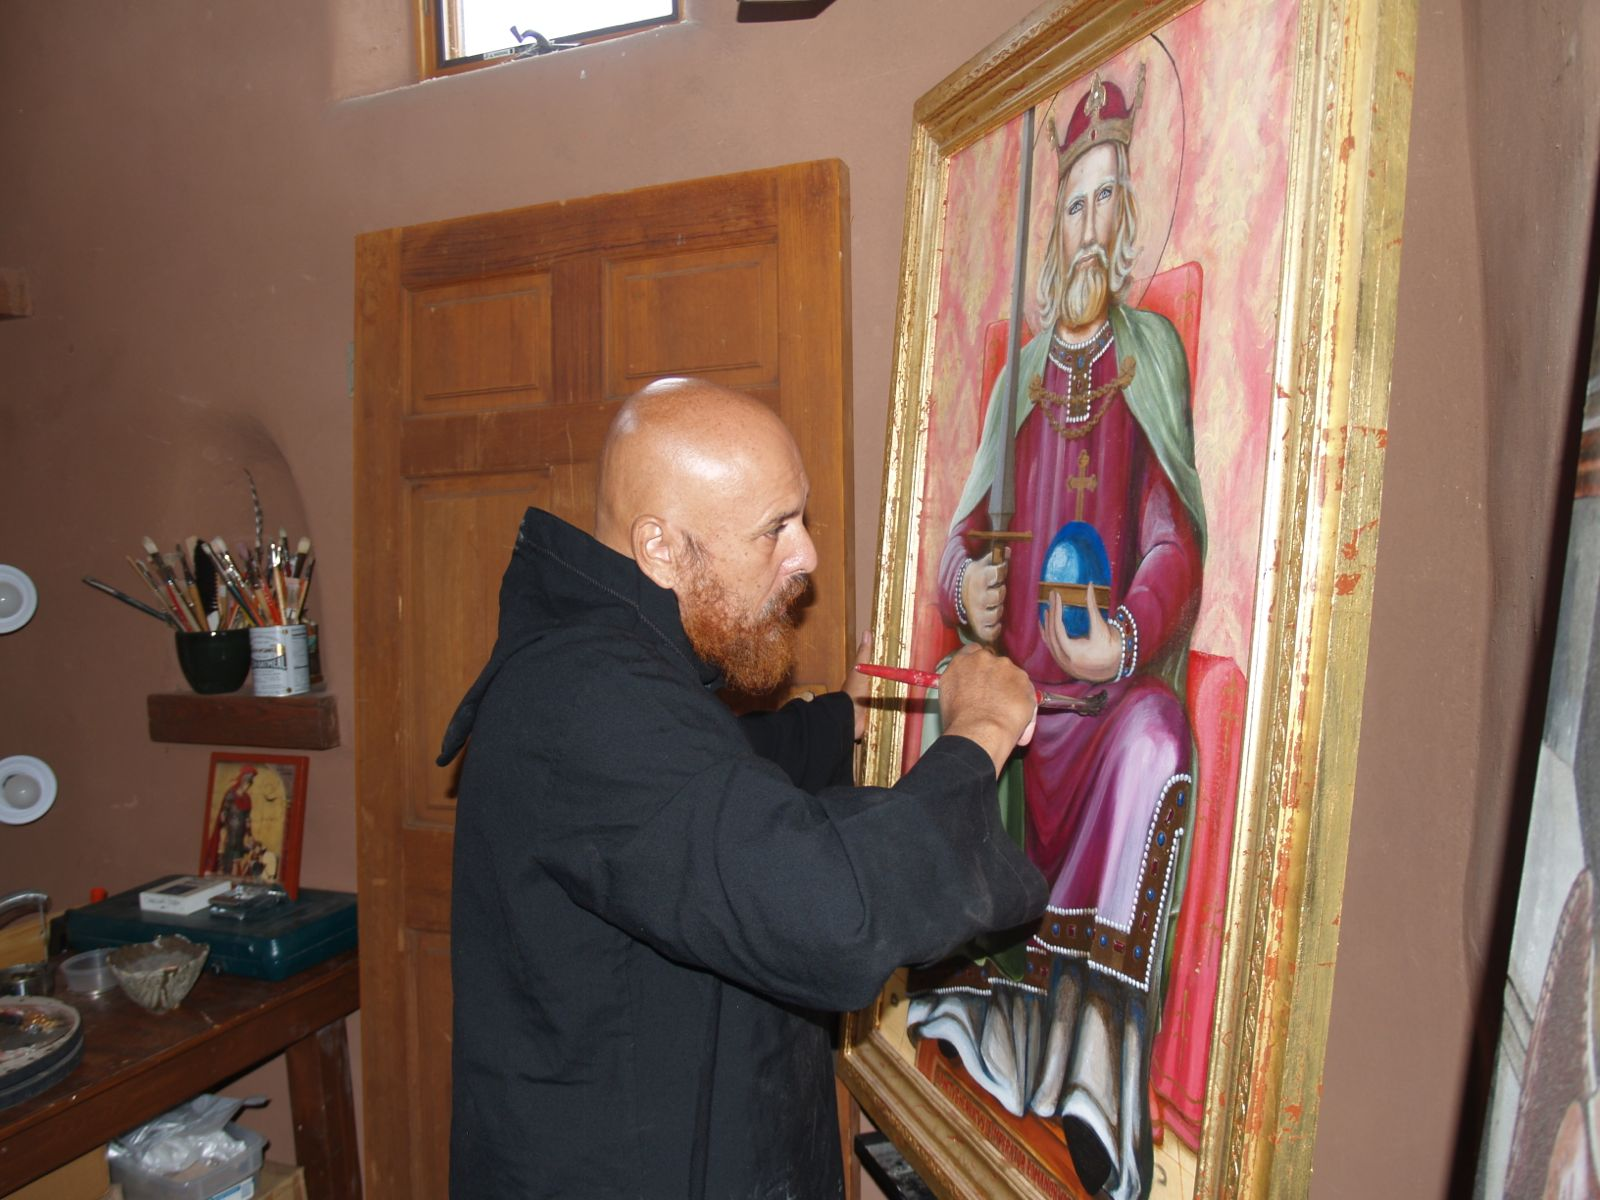 Brother working in art studio